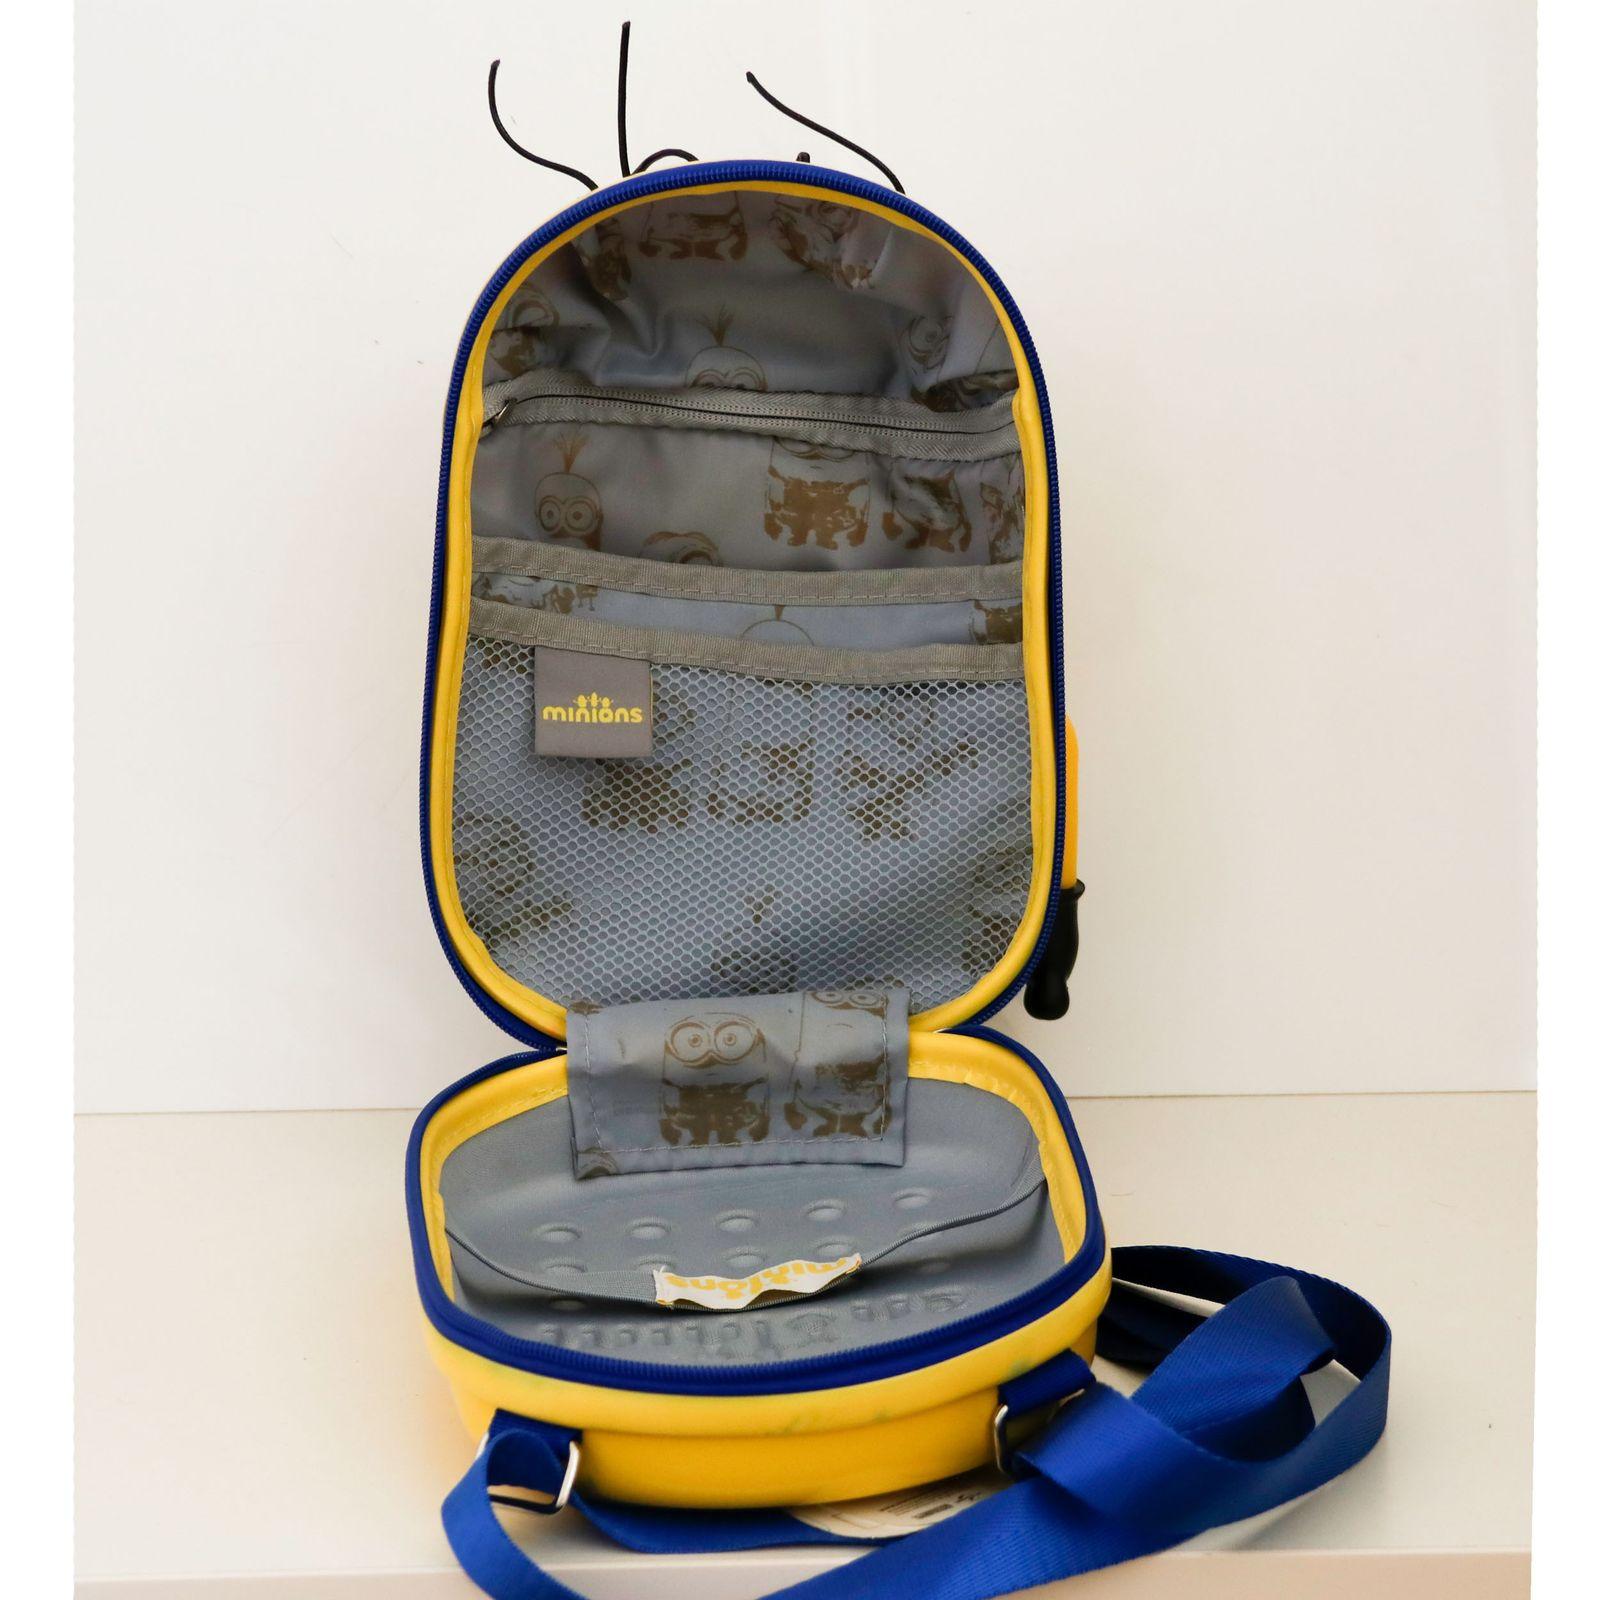 کوله پشتی بچگانه طرح مینیون کد GH7070 -  - 3